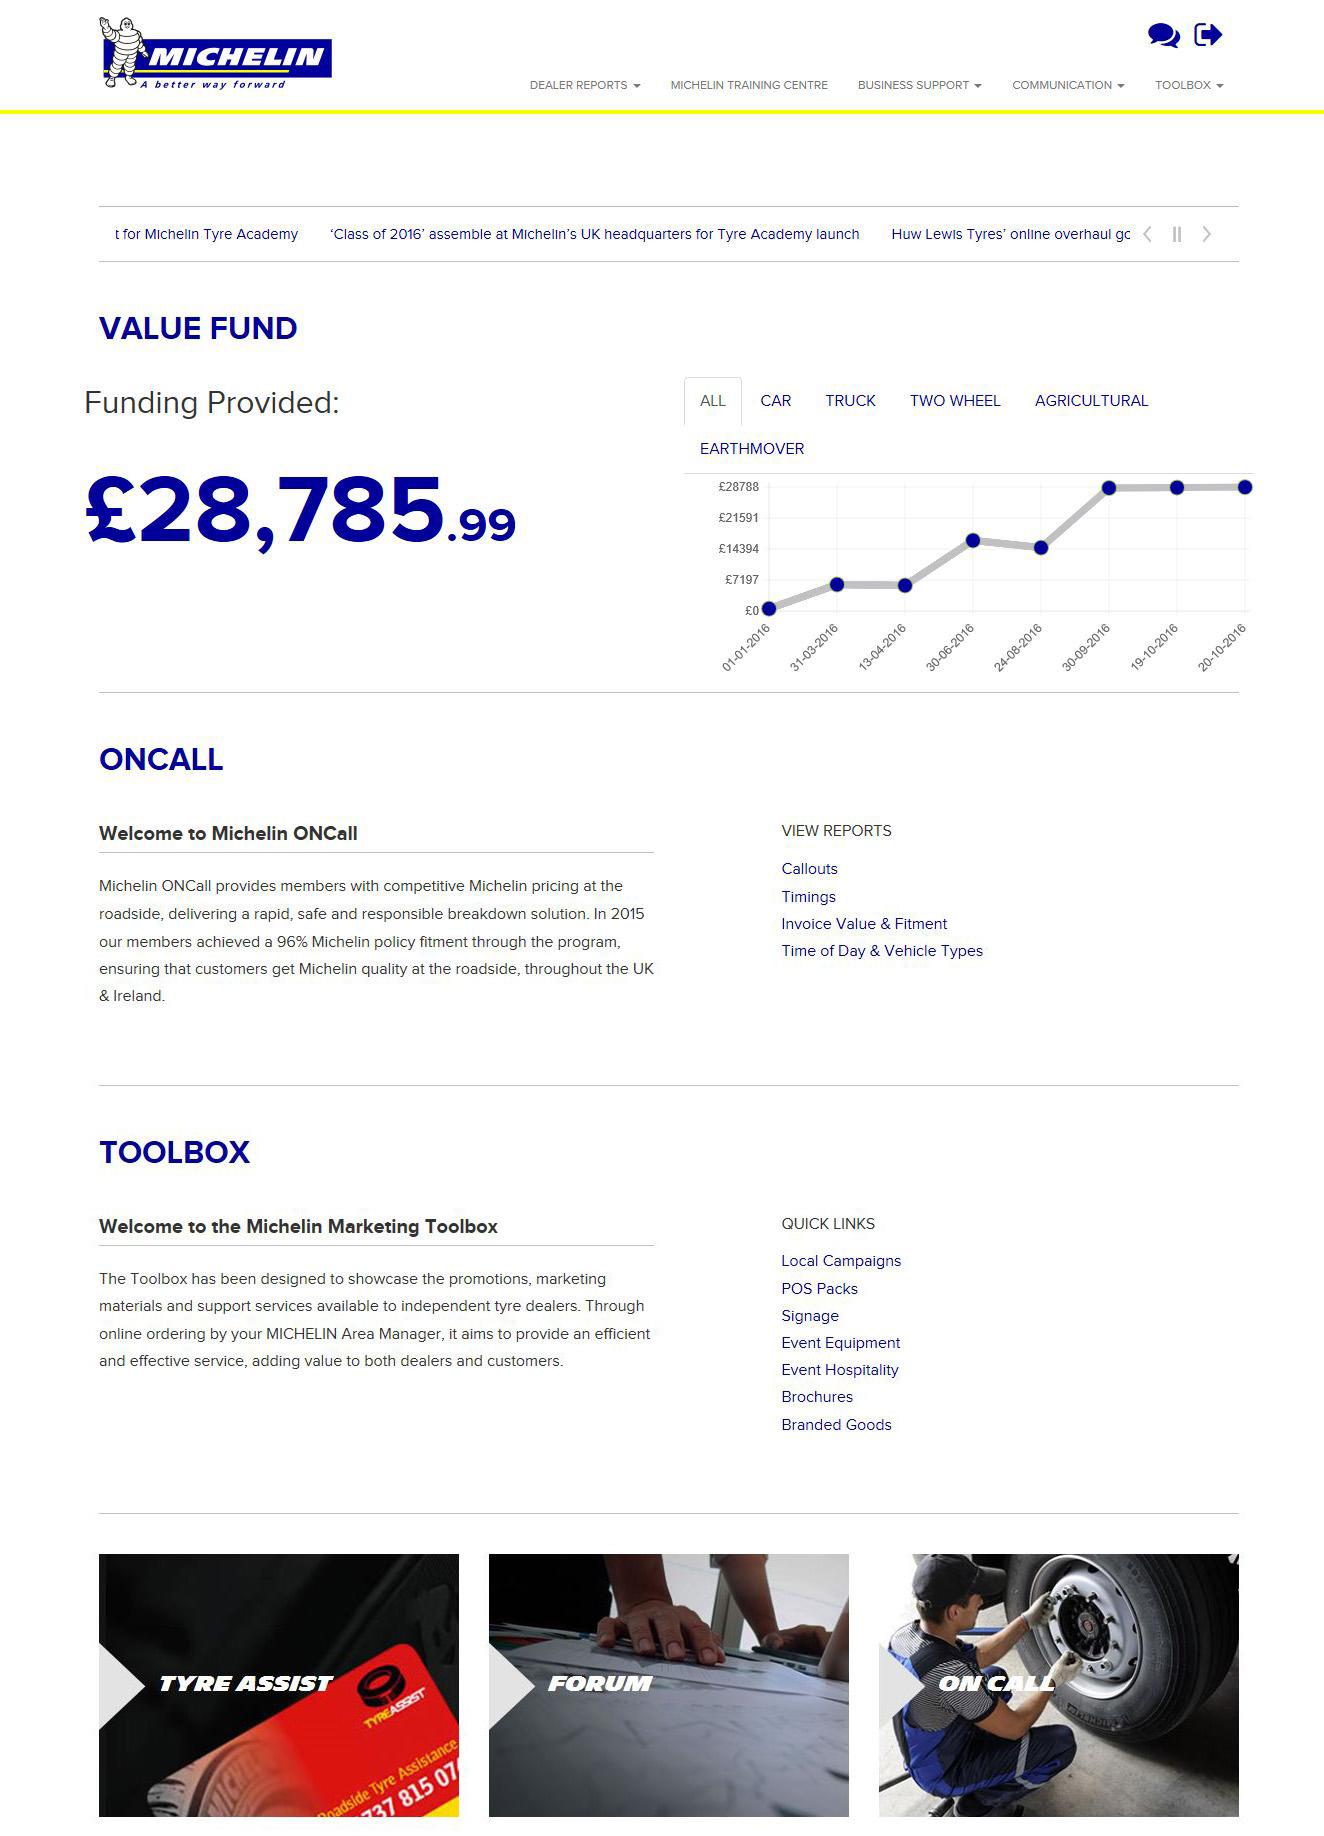 066 Michelin MAP Dealer Portal REPORT Michelin Auto Professional